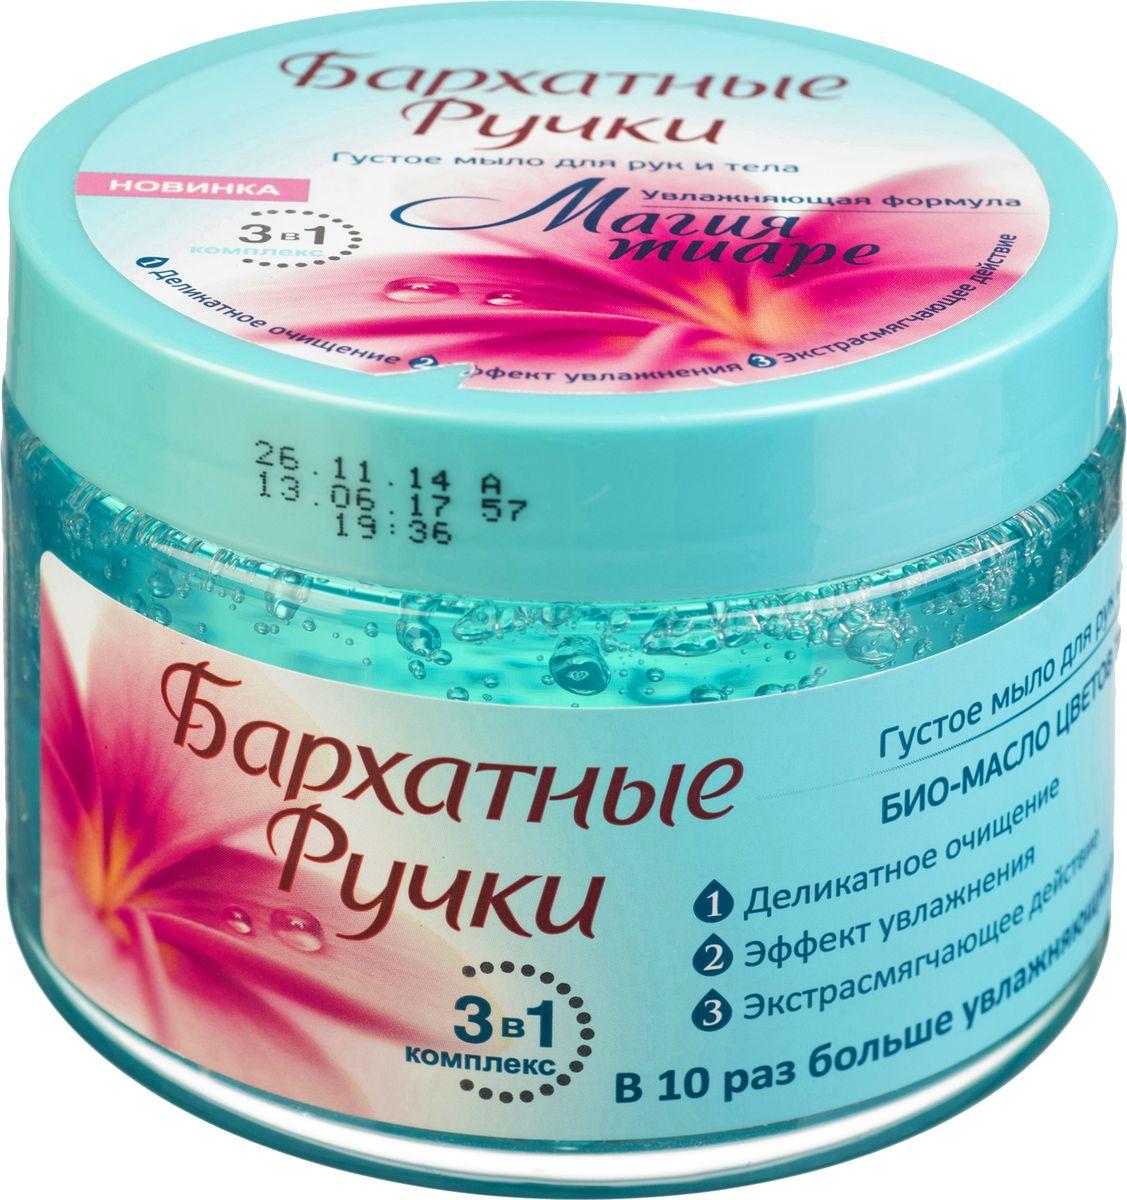 Бархатные Ручки Густое мыло Магия тиаре 400 мл1107116005Нежное густое мыло с освежающим ароматом деликатно очищает и оживляет сухую обезвоженную кожу. Мягкая ухаживающая формула содержит в 10 раз больше увлажняющих компонентов чем обычное мыло*, обеспечивает экстрасмягчающее действие и дарит непревзойденную нежность прикосновения. 1. Деликатное очищение 2. Эффект увлажнения 3. Экстрасмягчающее действие *Указанные свойства подтверждены потребительским тестированием, 39 женщин, Россия, 2014 г Оказывает экстрасмягчающее действие в комплексе с кремом для рук Бархатные ручки Магия тиаре. *По сравнению с жидким мылом для рук ООО Концерн Калина